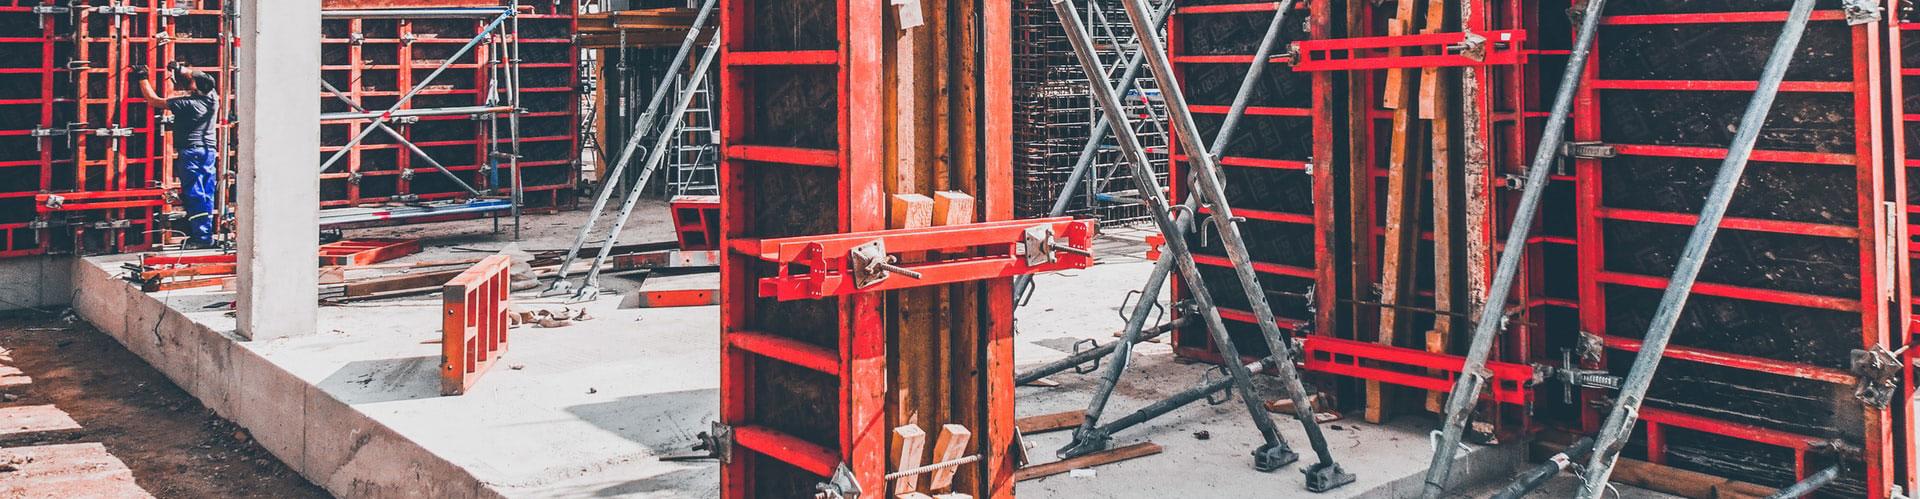 Vingerletsel arbeidsongeval bouwplaats | LetselPro